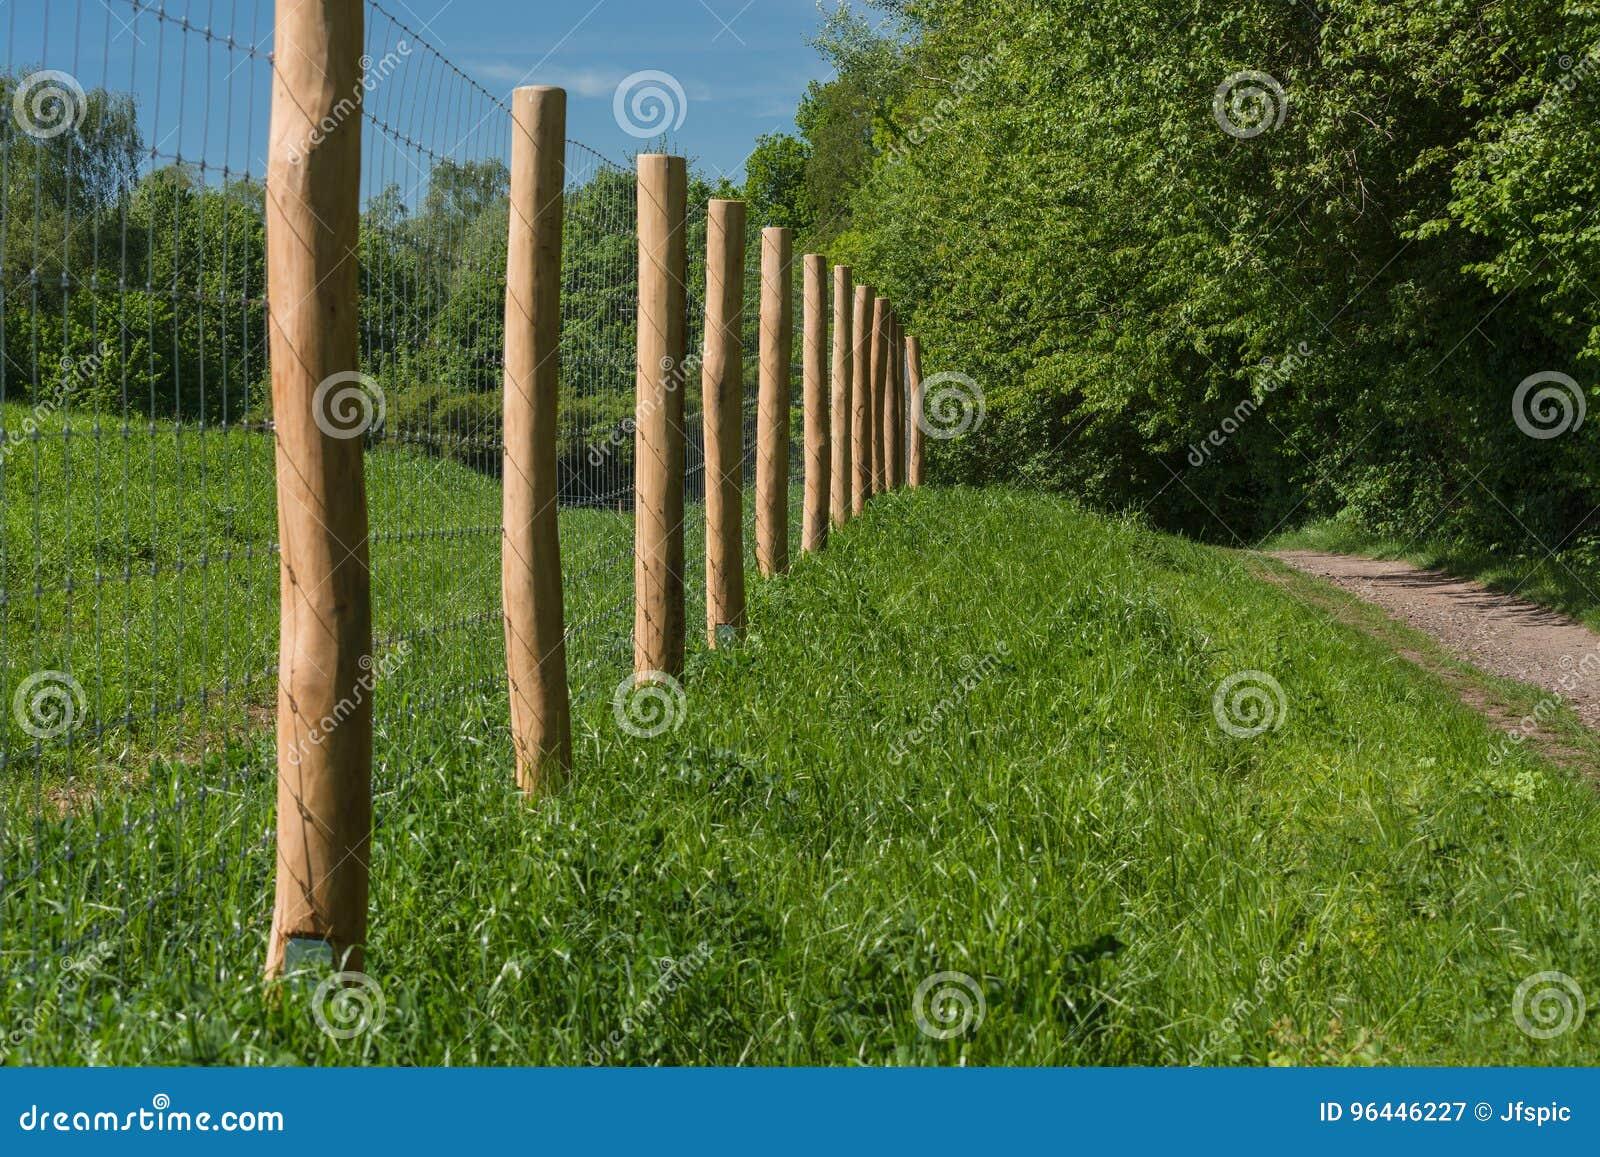 Zaun Von Einer Weide Fence A Pasture Stock Image